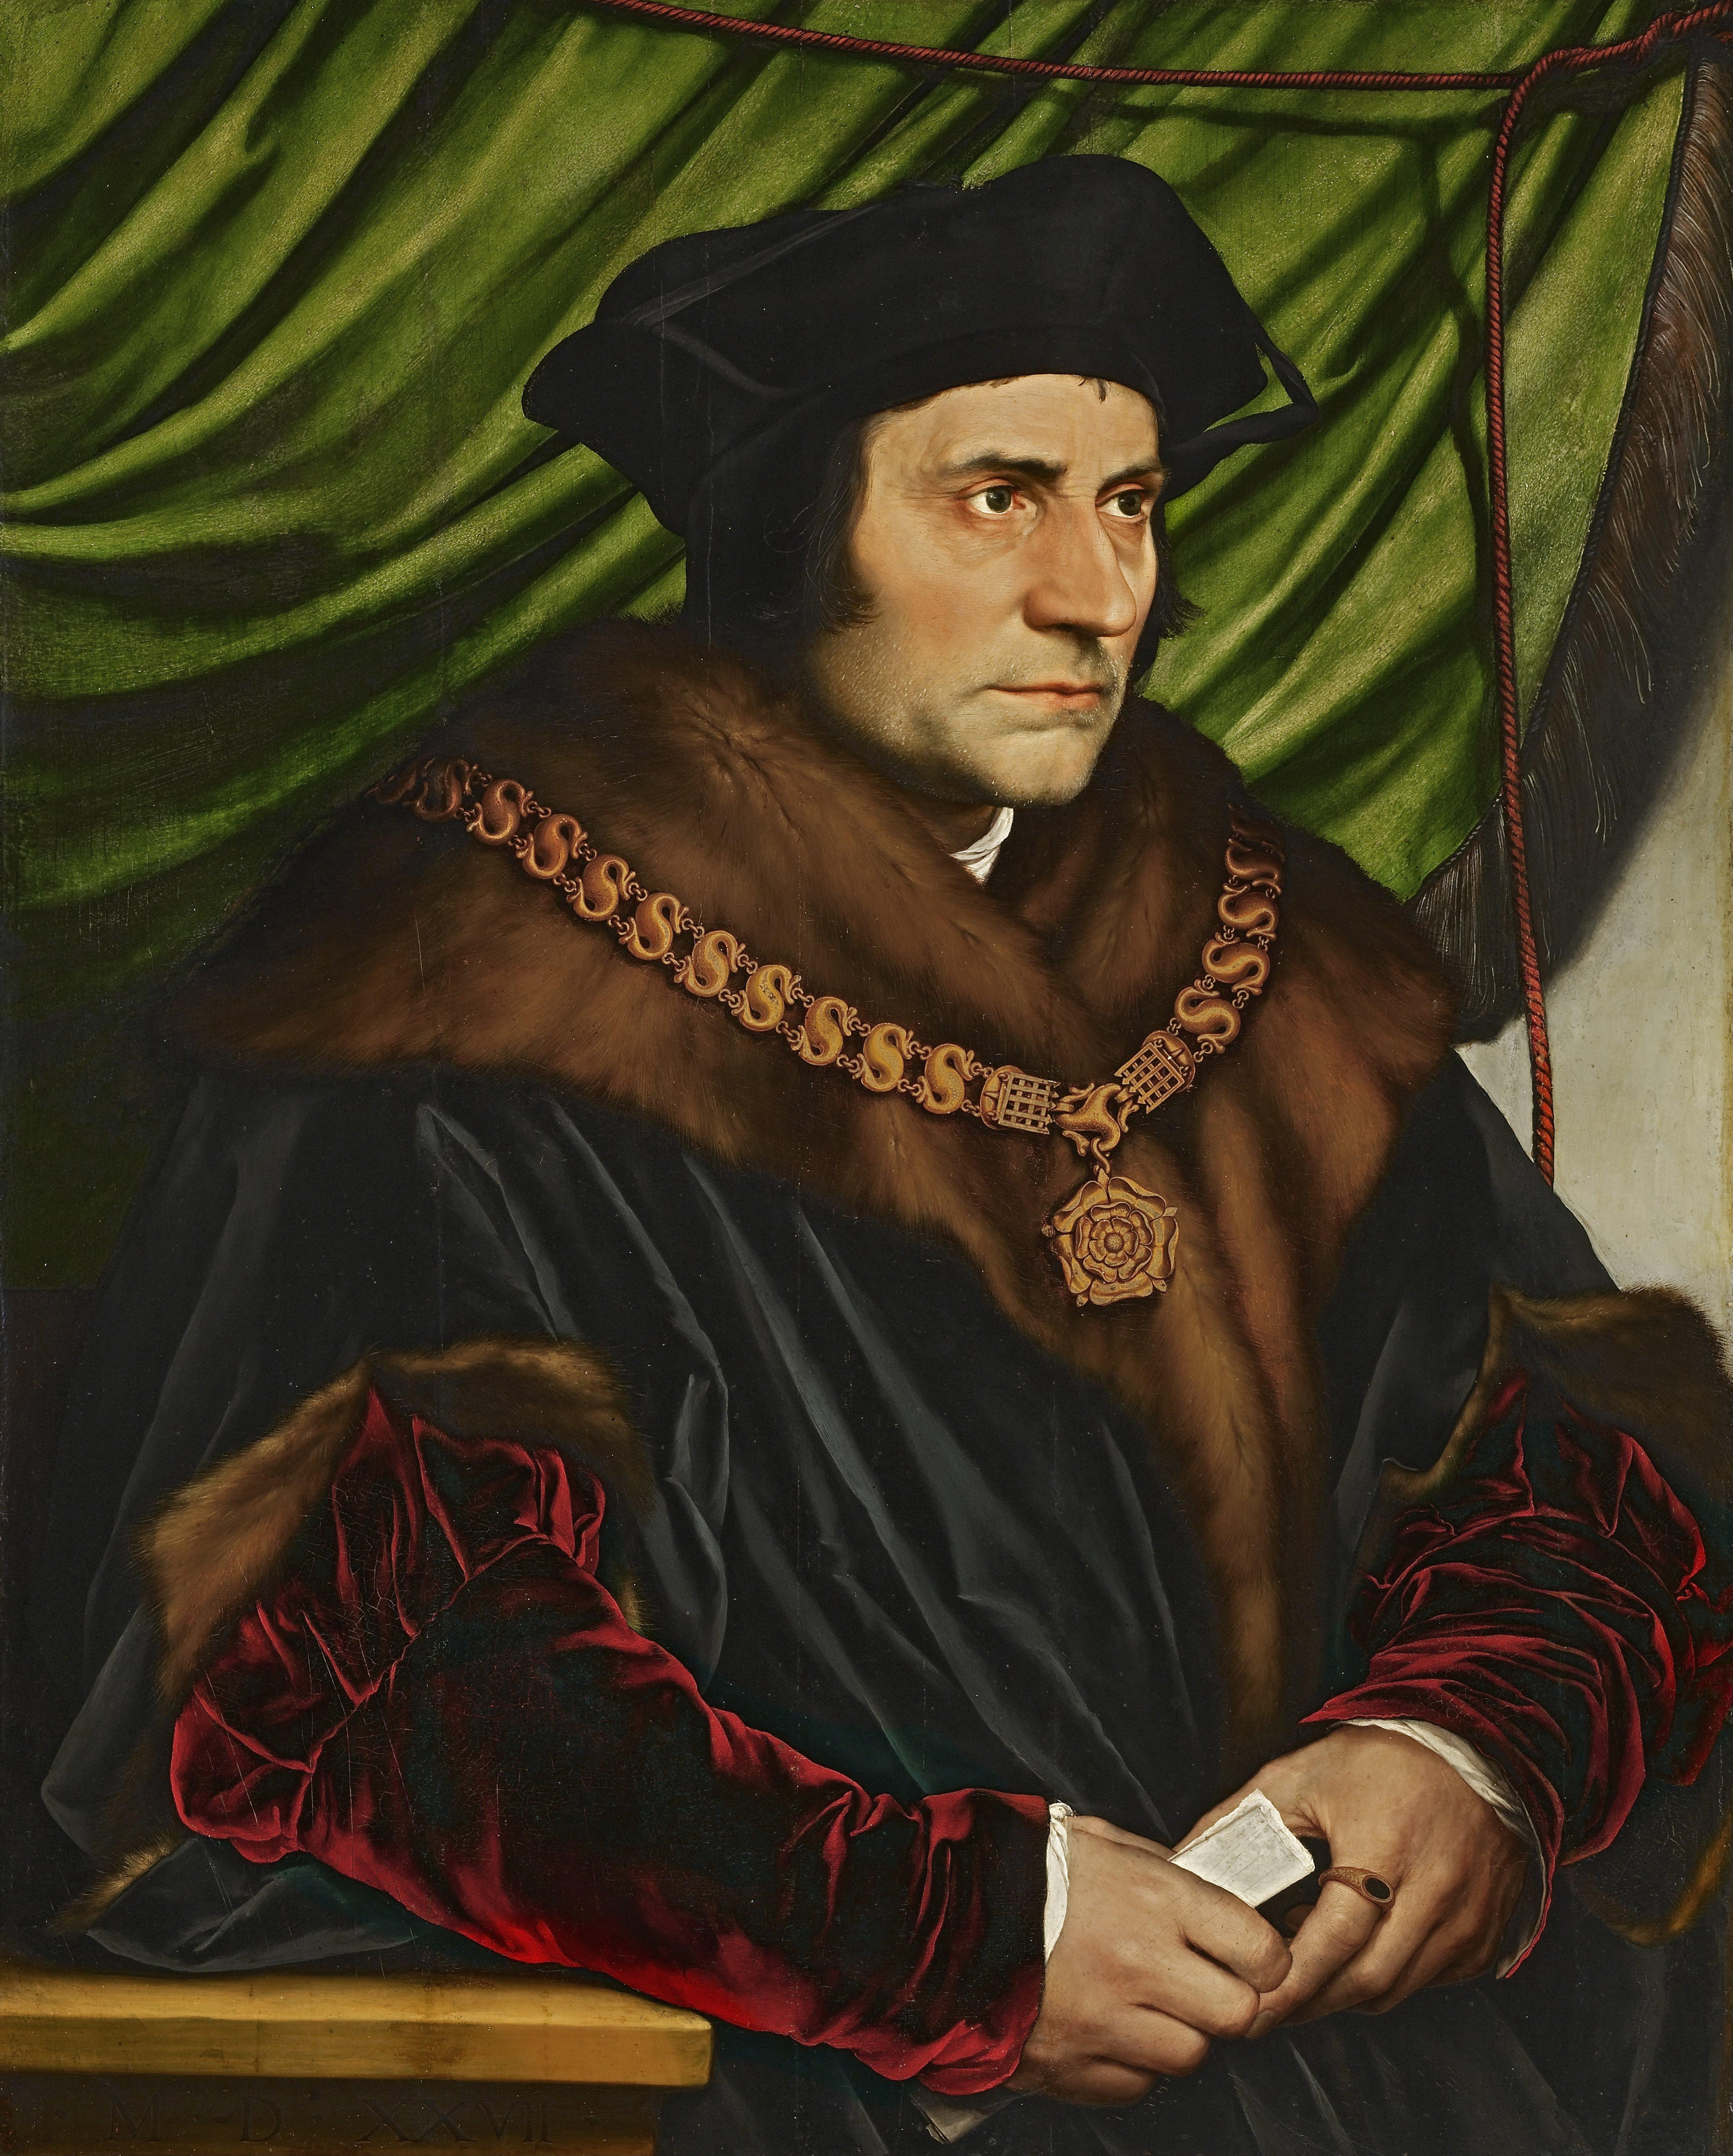 Ганс Гольбейн (1457-1583). Портрет сэра Томаса Мора. 1527. Масло, дуб. 74,9 х 60,3 см. Коллекция Фрика, Нью-Йорк.